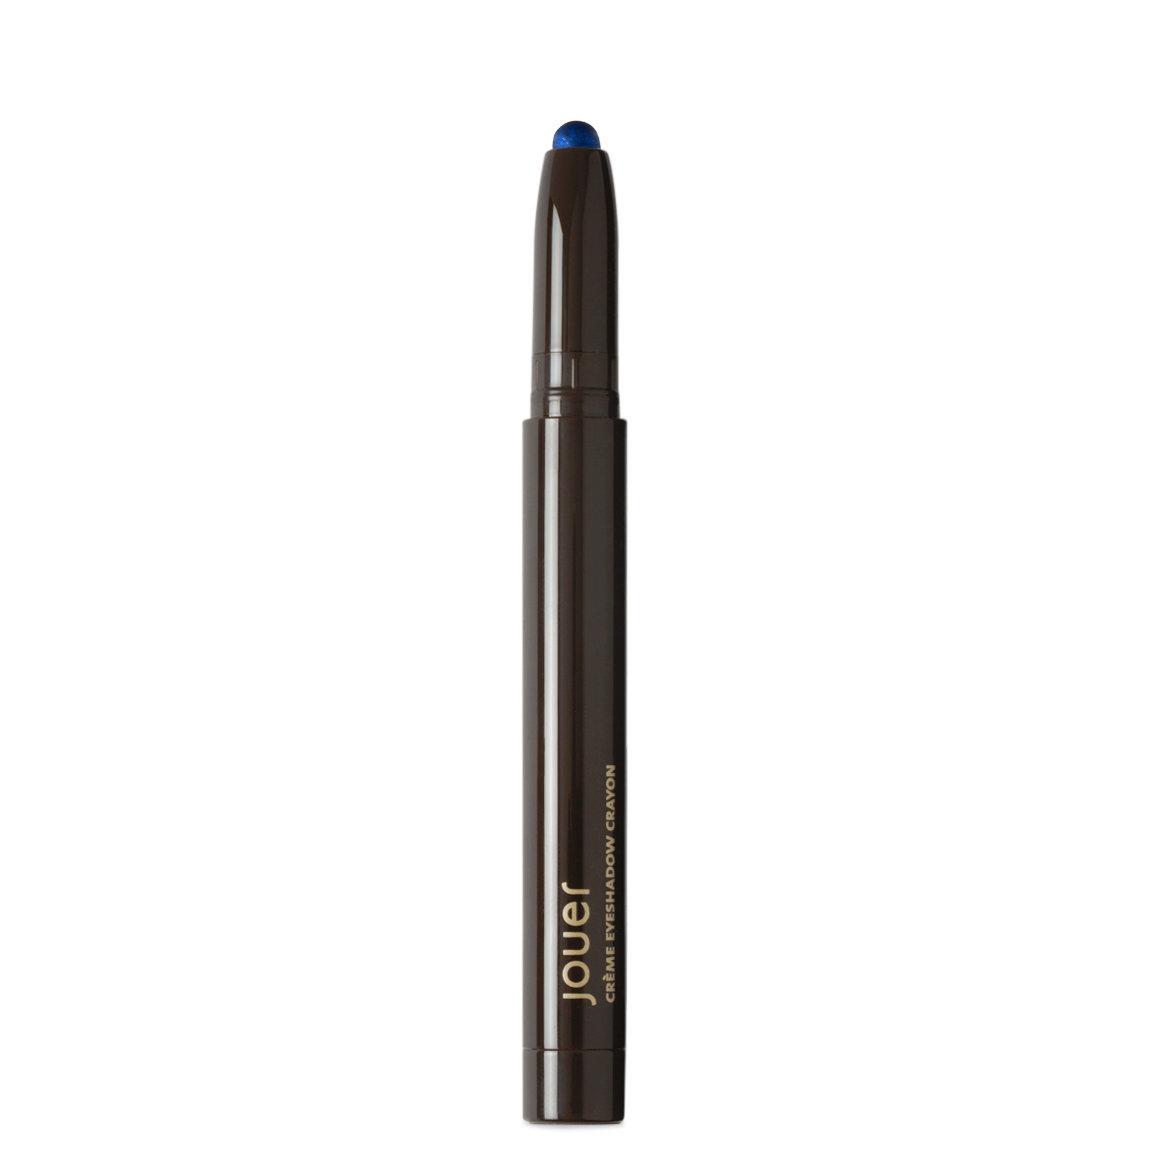 Jouer Cosmetics Crème Eyeshadow Crayon Avant Garde